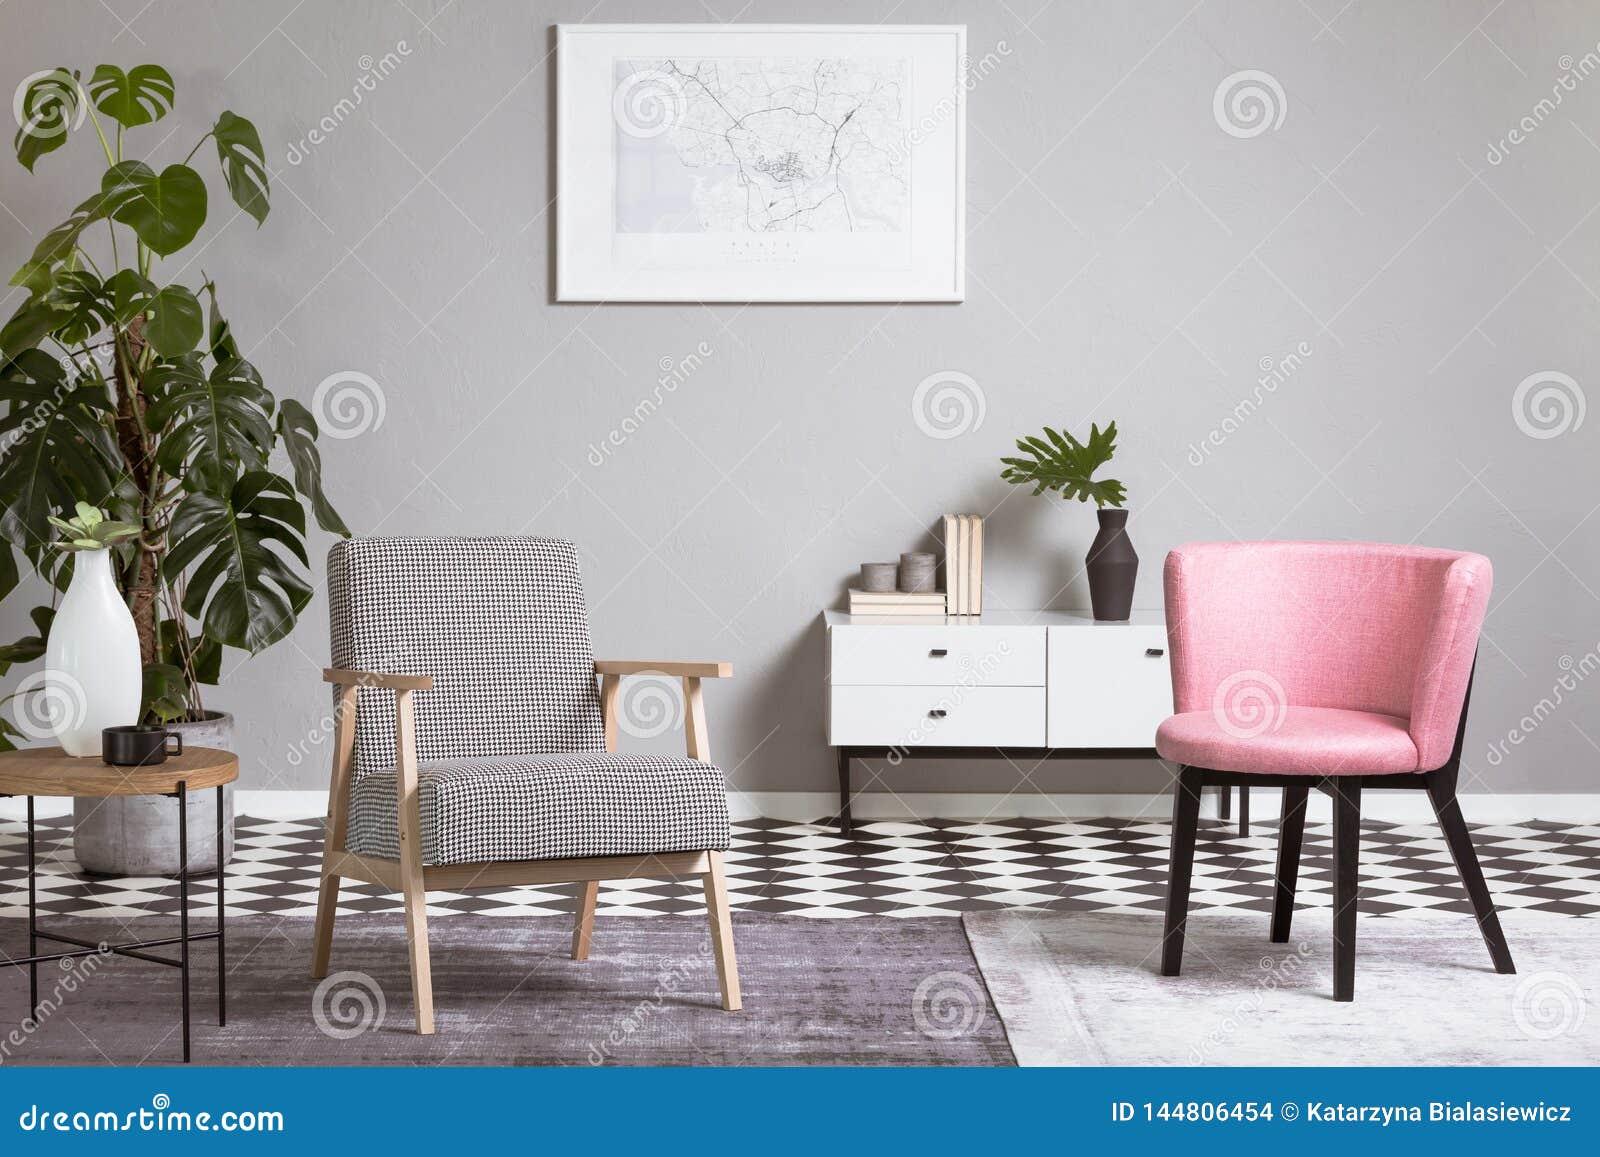 Pastelkleur roze stoel in beige woonkamerbinnenland